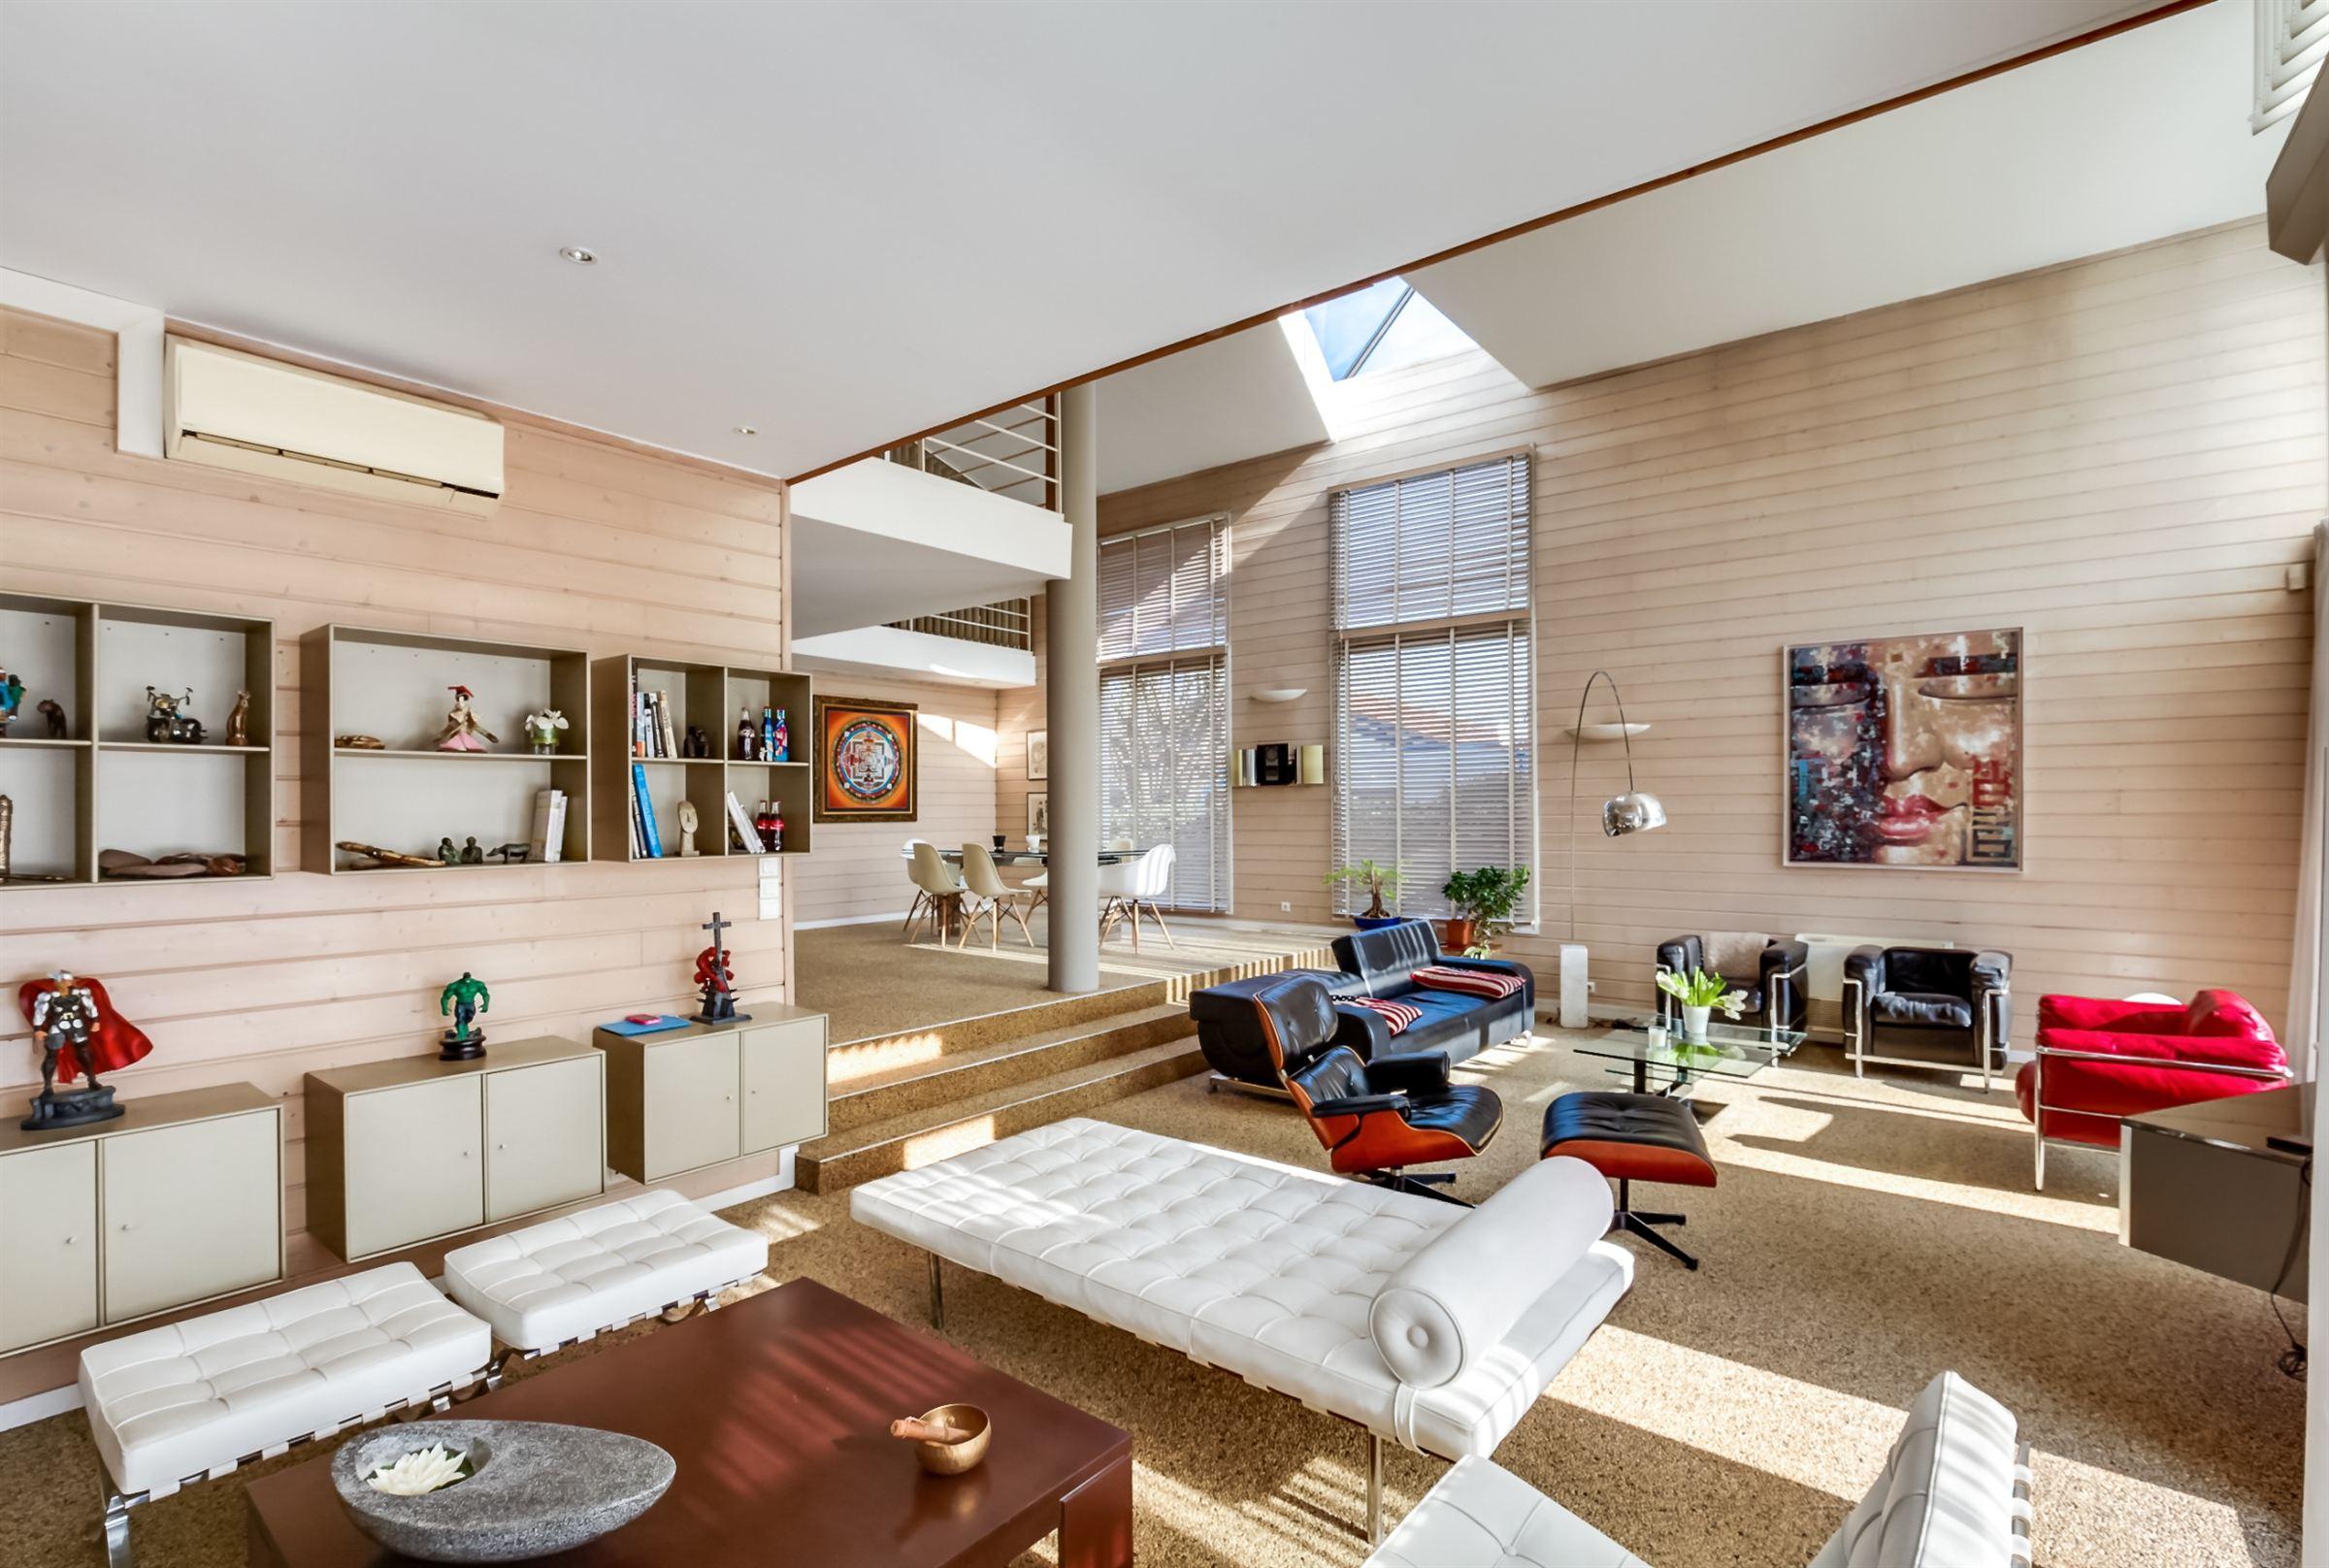 Single Family Home for Sale at BORDEAUX METROPOLE SUPERBE MAISON D'ARCHITECTE Bordeaux, Aquitaine, 33000 France